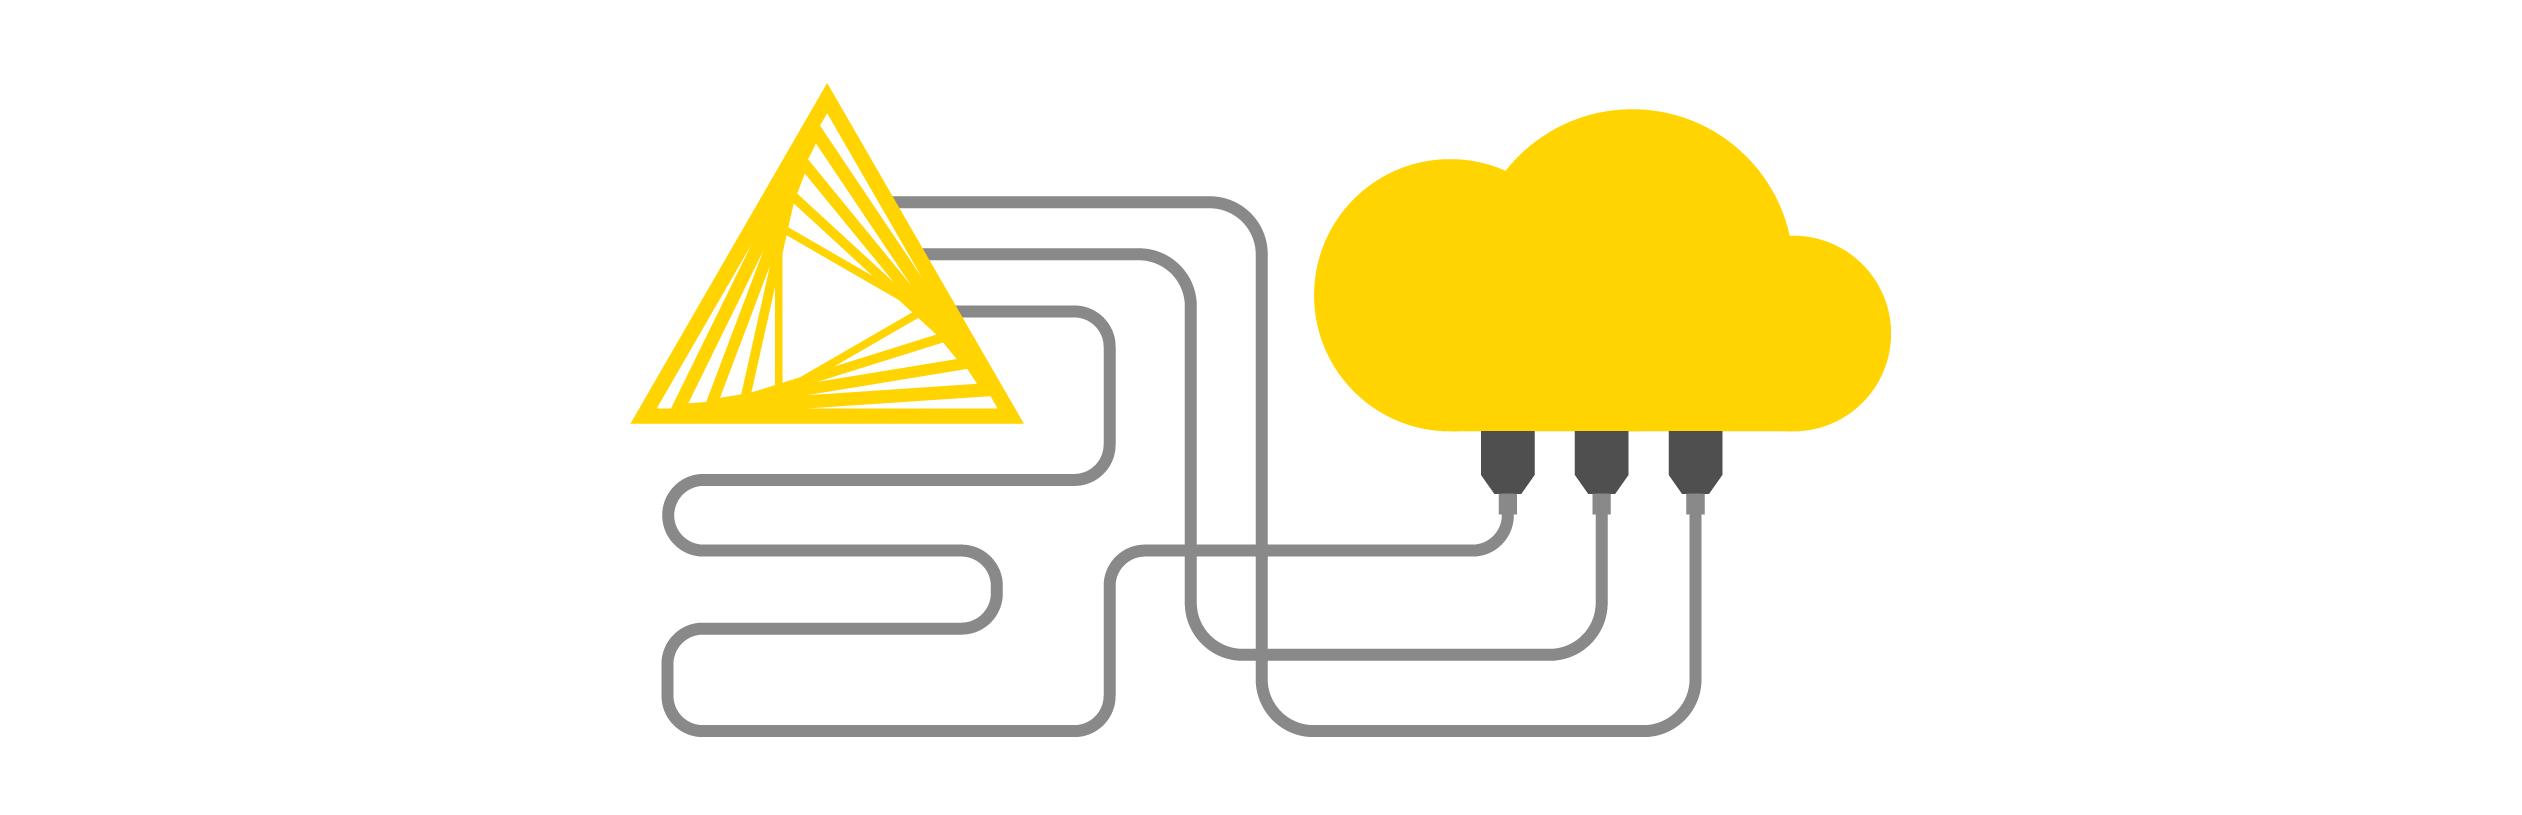 KNIME on Amazon EMR - Cloud Connectors